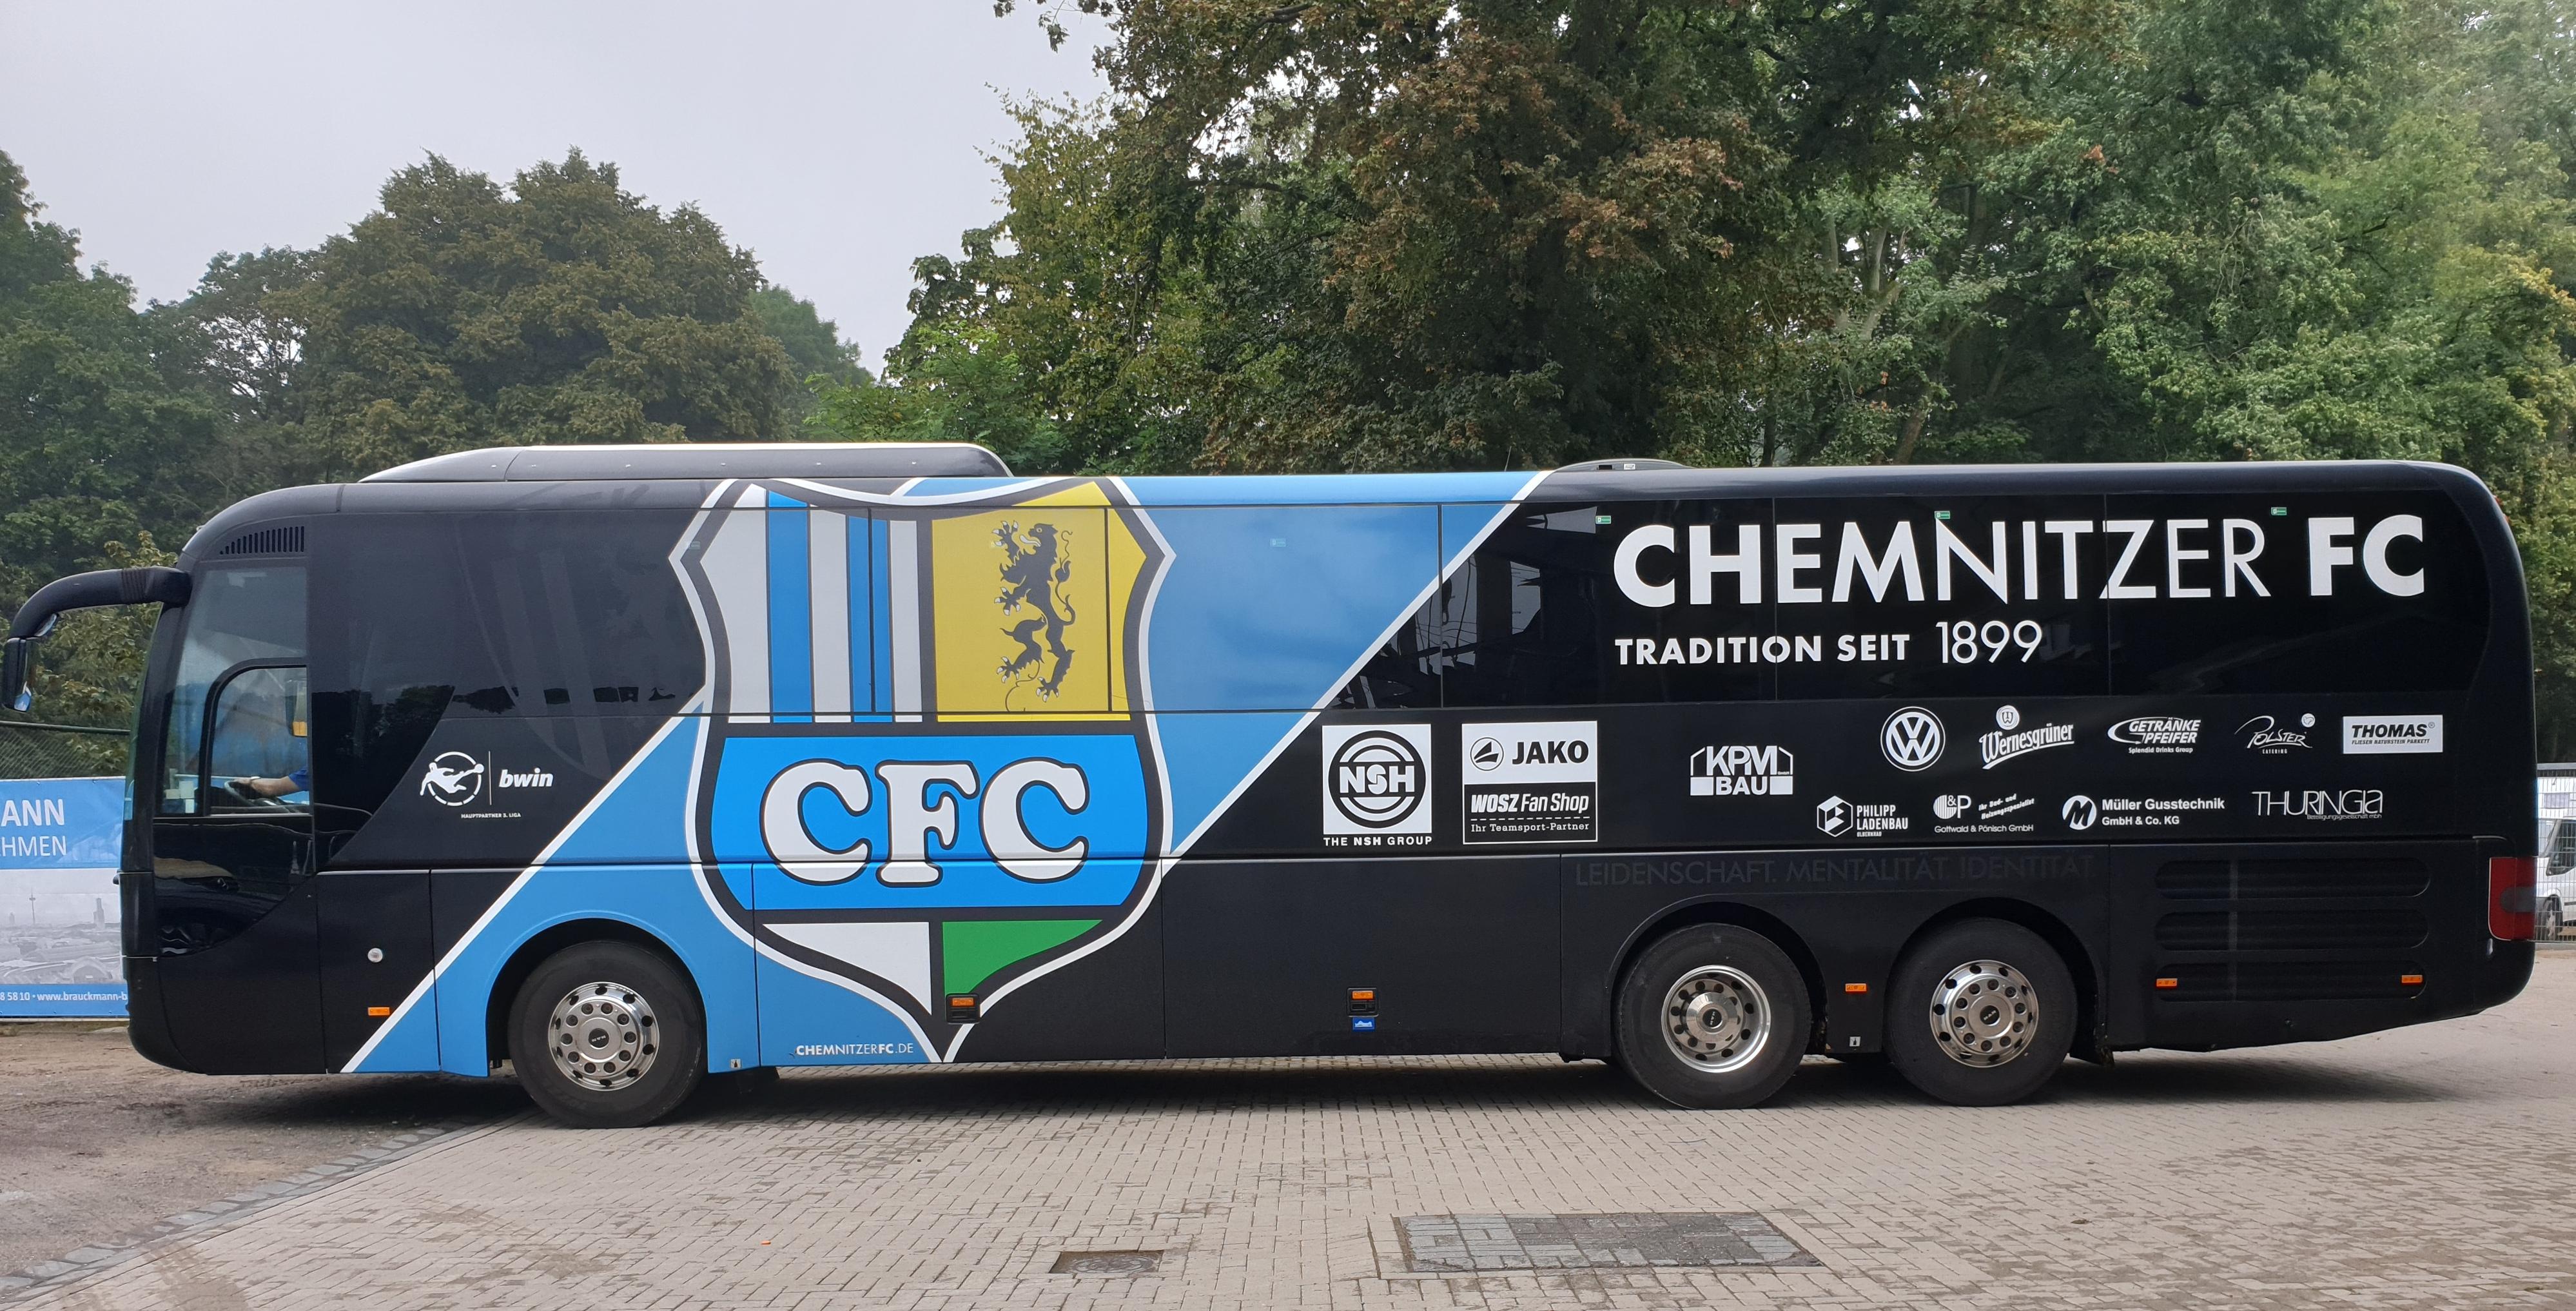 Mannschaftsbus Chemnitzer FC 07-2019.jpg